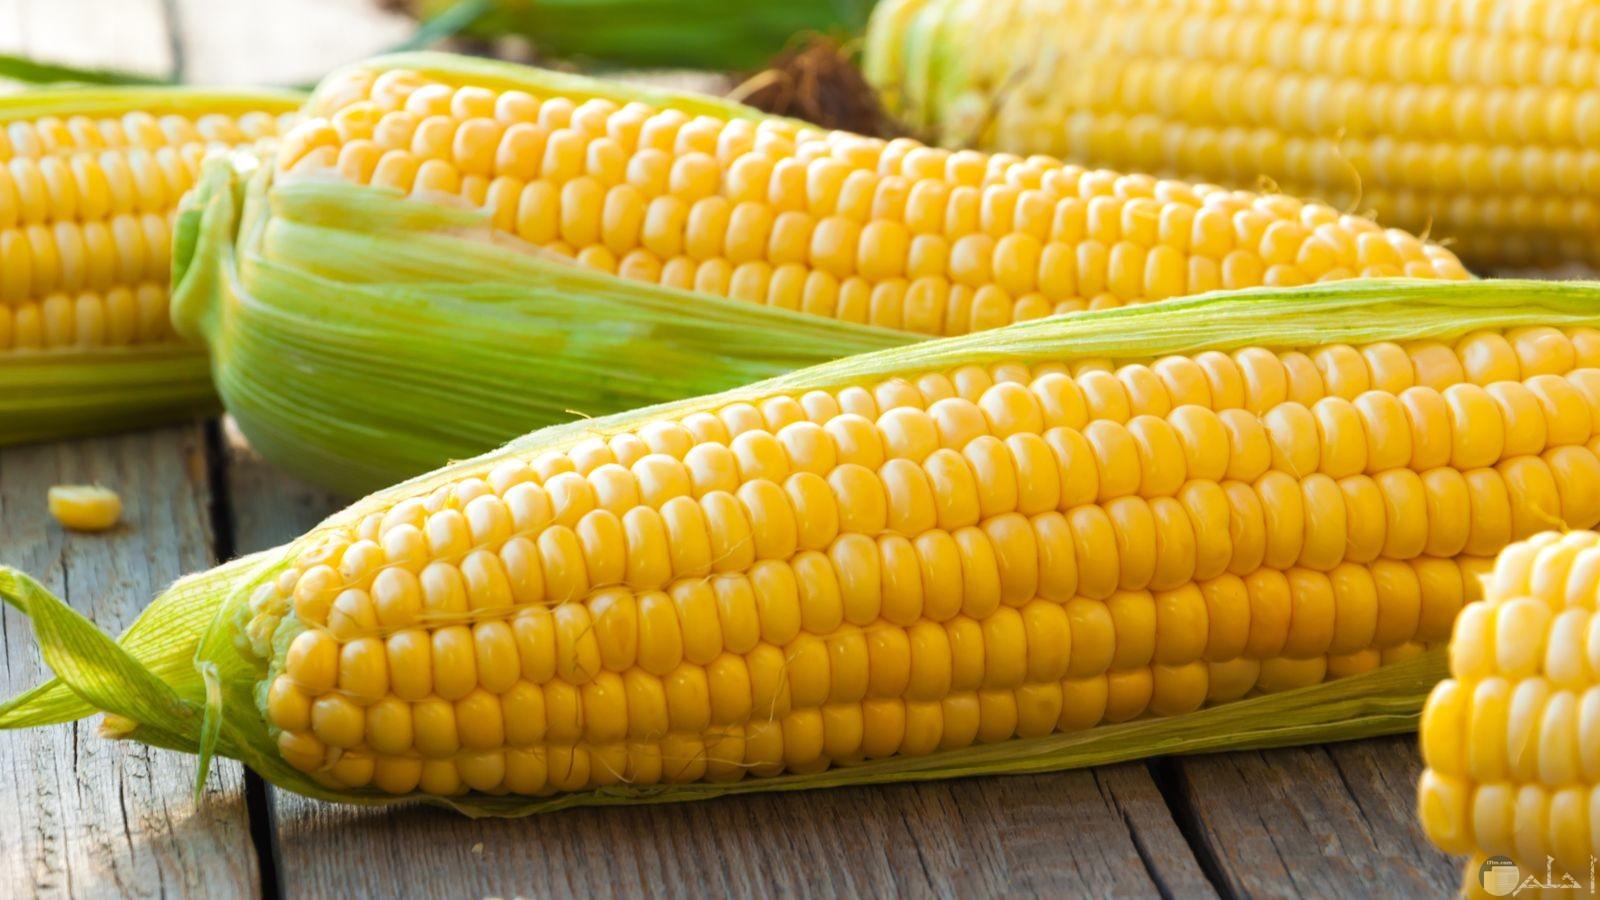 بعض حبات الذرة الصفراء ذات الطعم اللذيذ